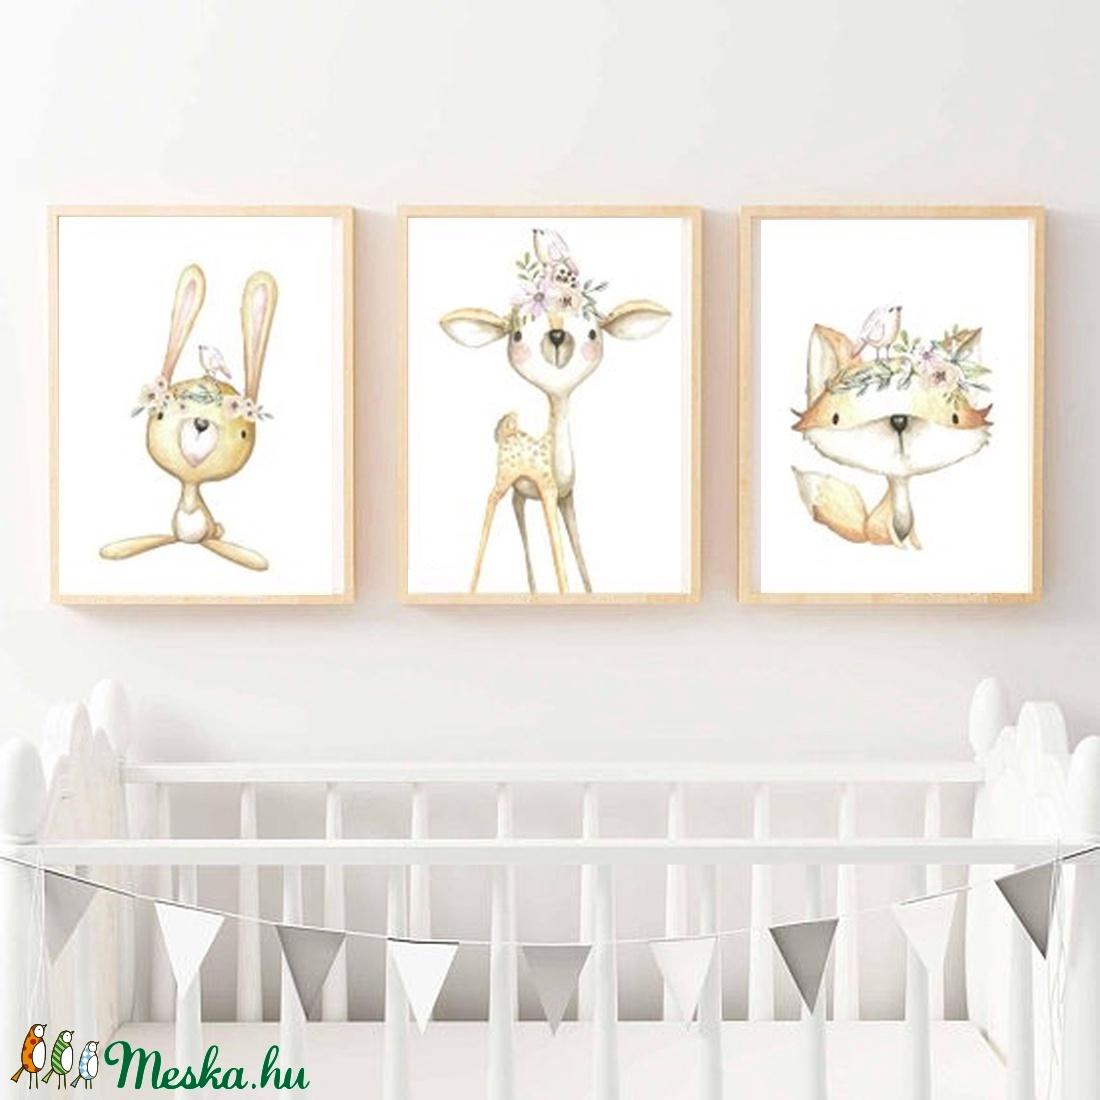 Babaszoba fali dekoráció, állatos - róka, nyuszi, őzike fali kép A4 méretben (BBdesign) - Meska.hu